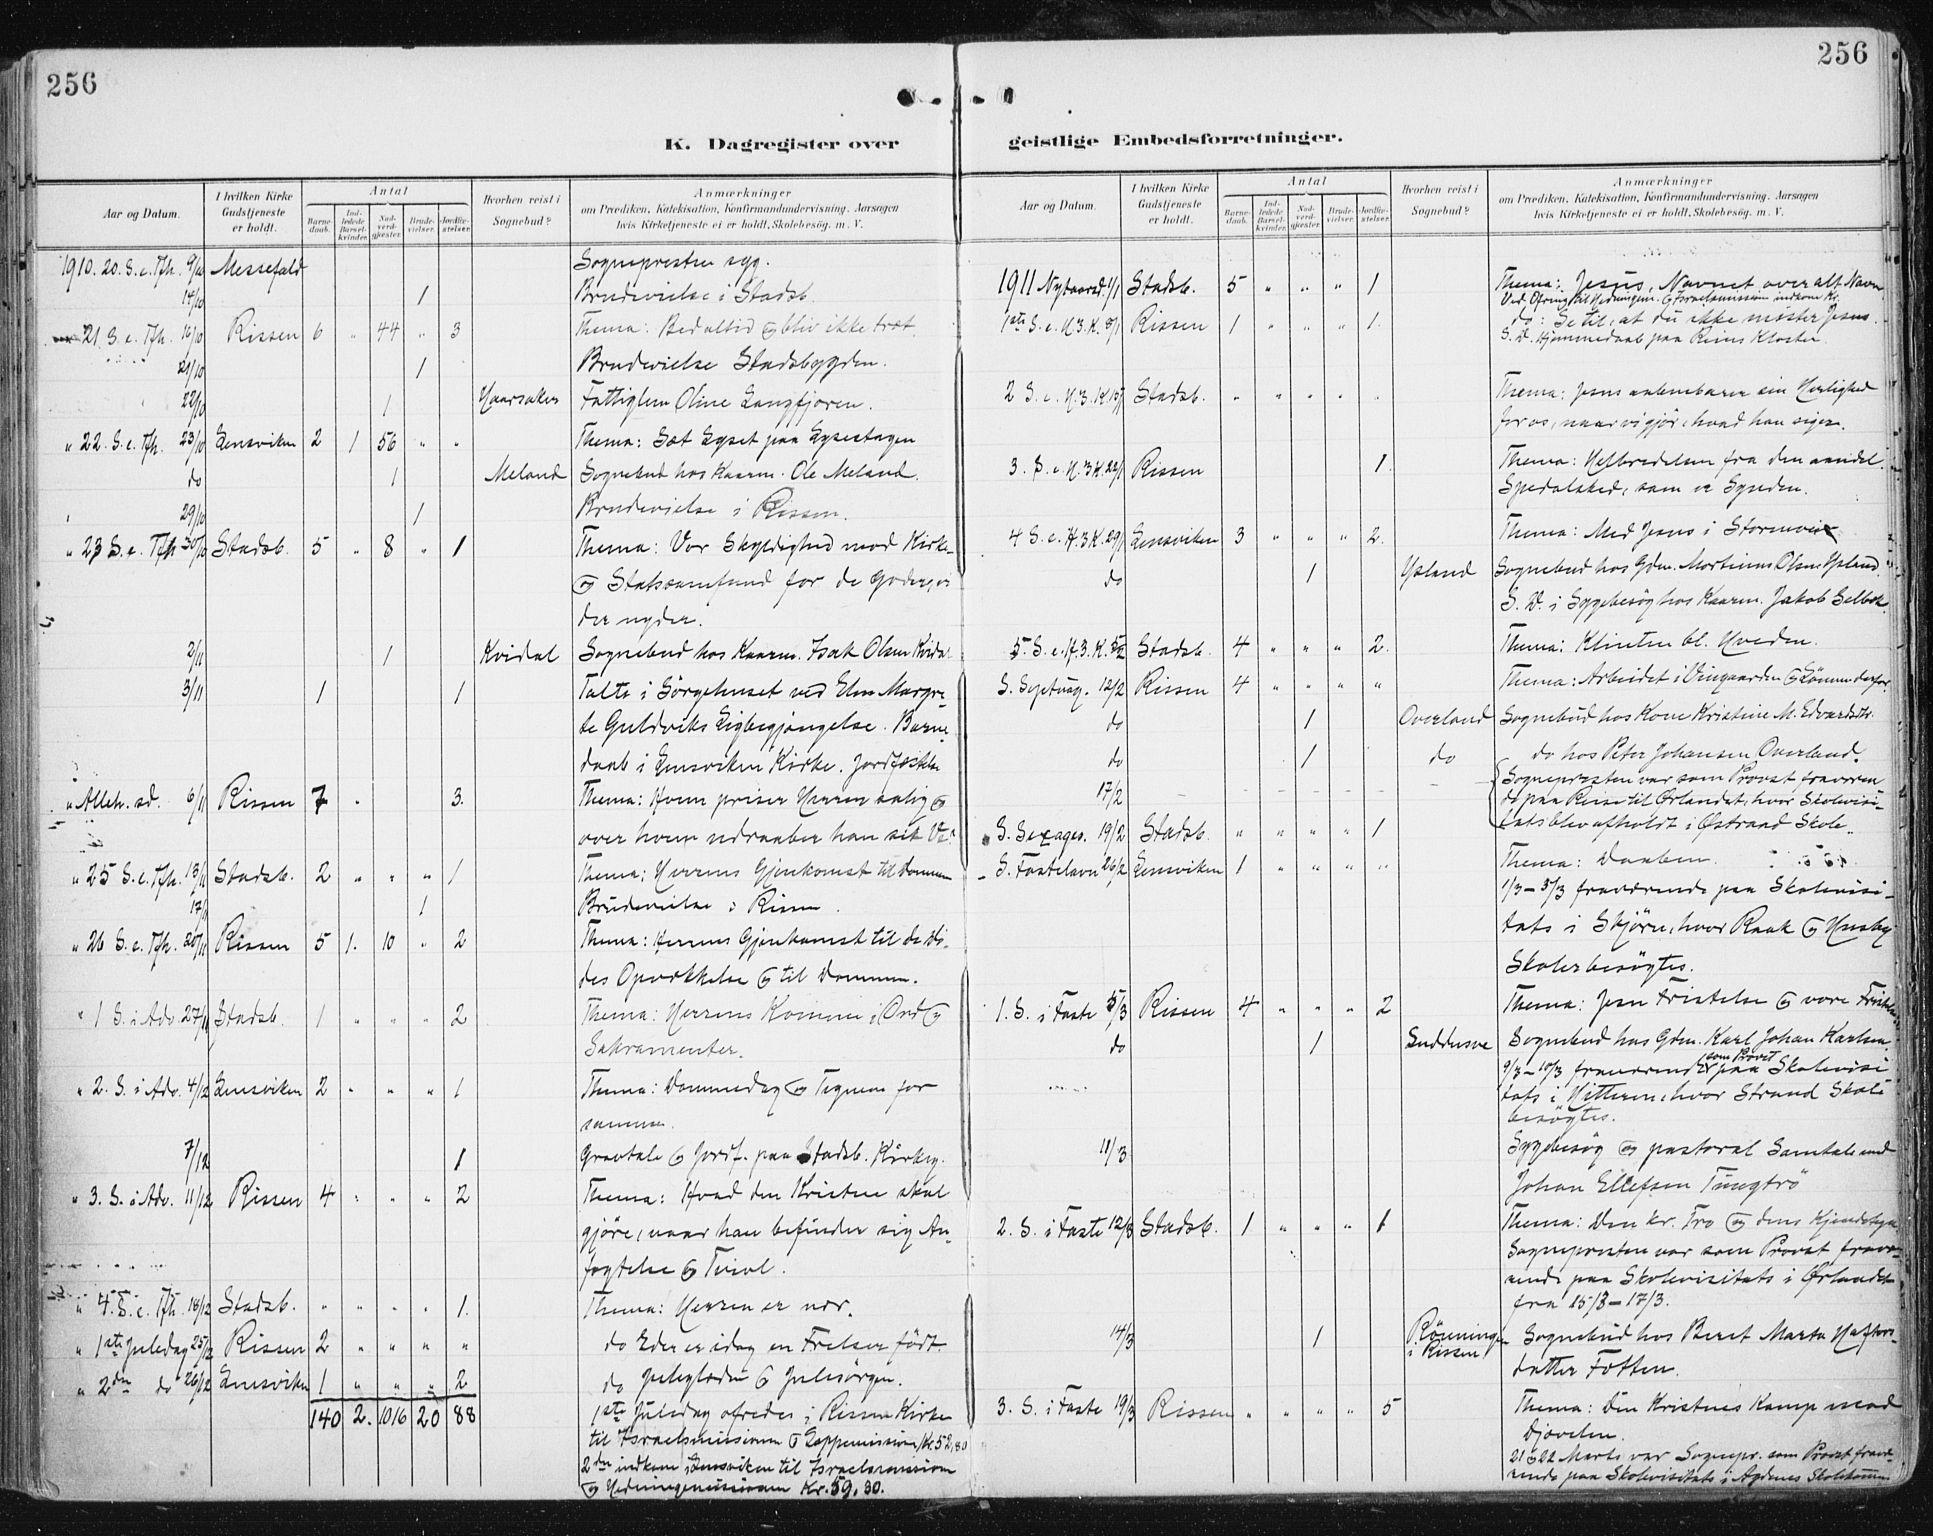 SAT, Ministerialprotokoller, klokkerbøker og fødselsregistre - Sør-Trøndelag, 646/L0616: Ministerialbok nr. 646A14, 1900-1918, s. 256